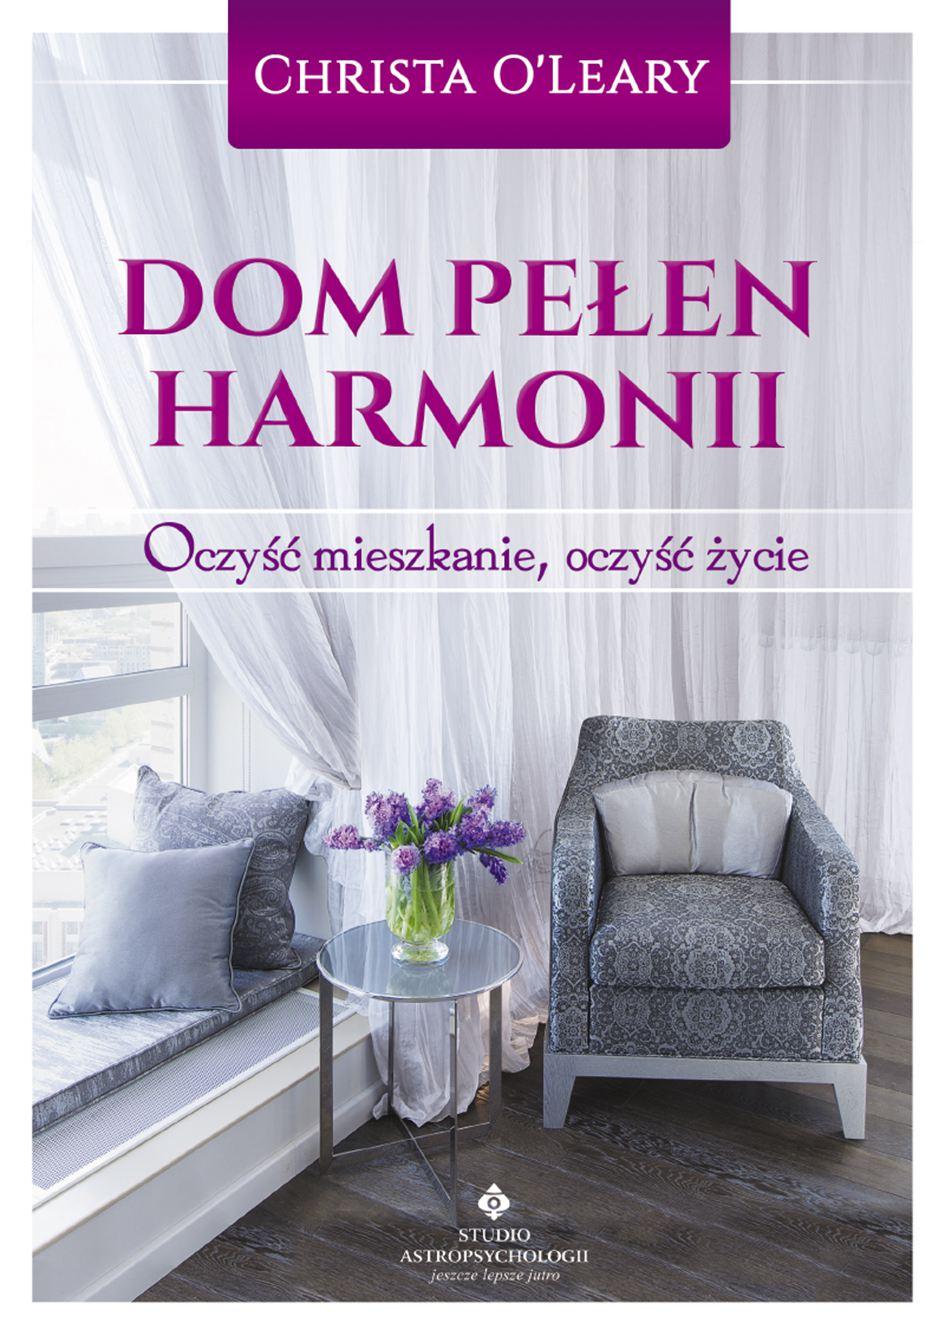 Dom pełen harmonii. Oczyść mieszkanie, oczyść życie - Ebook (Książka EPUB) do pobrania w formacie EPUB